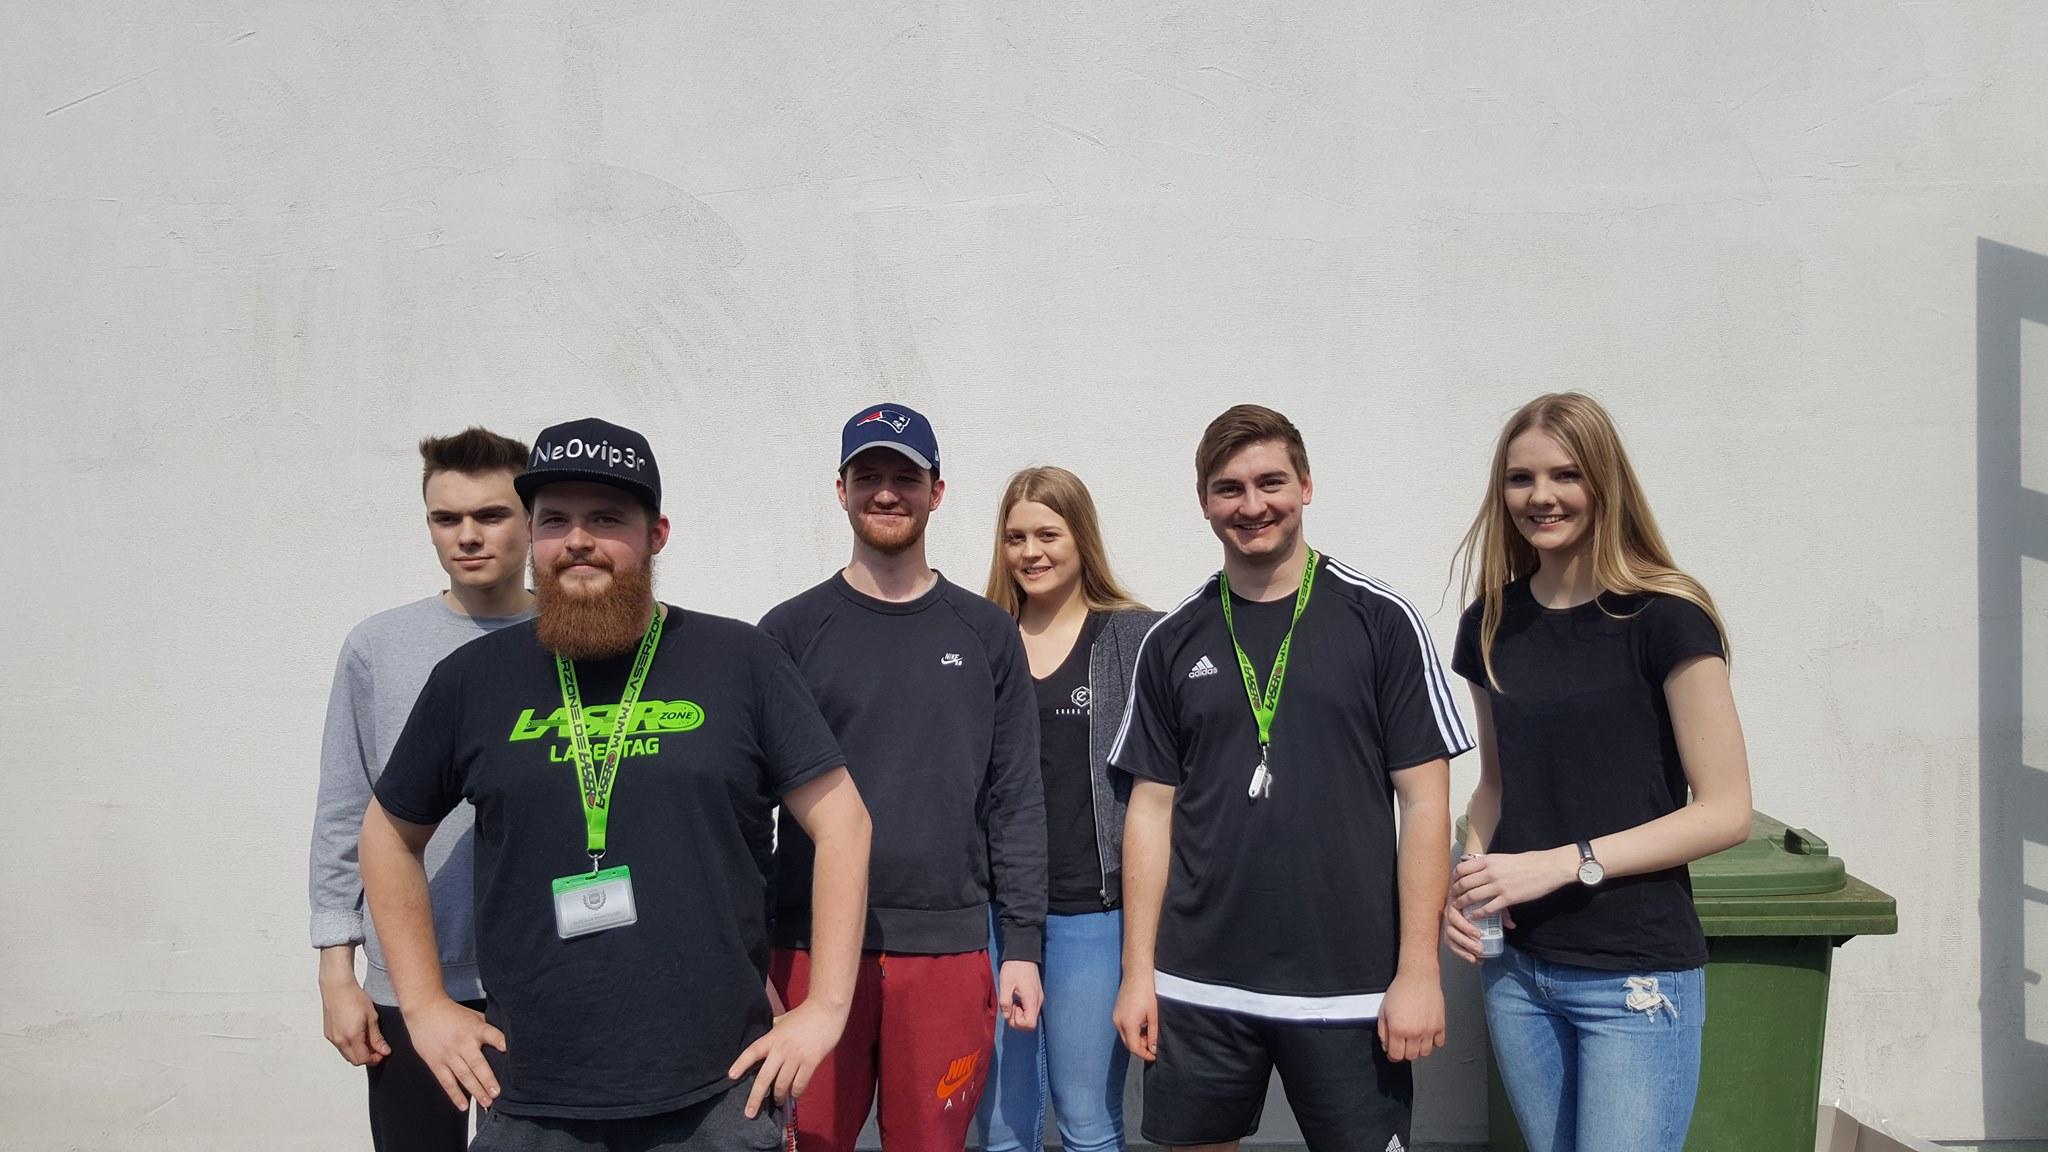 lasertag team